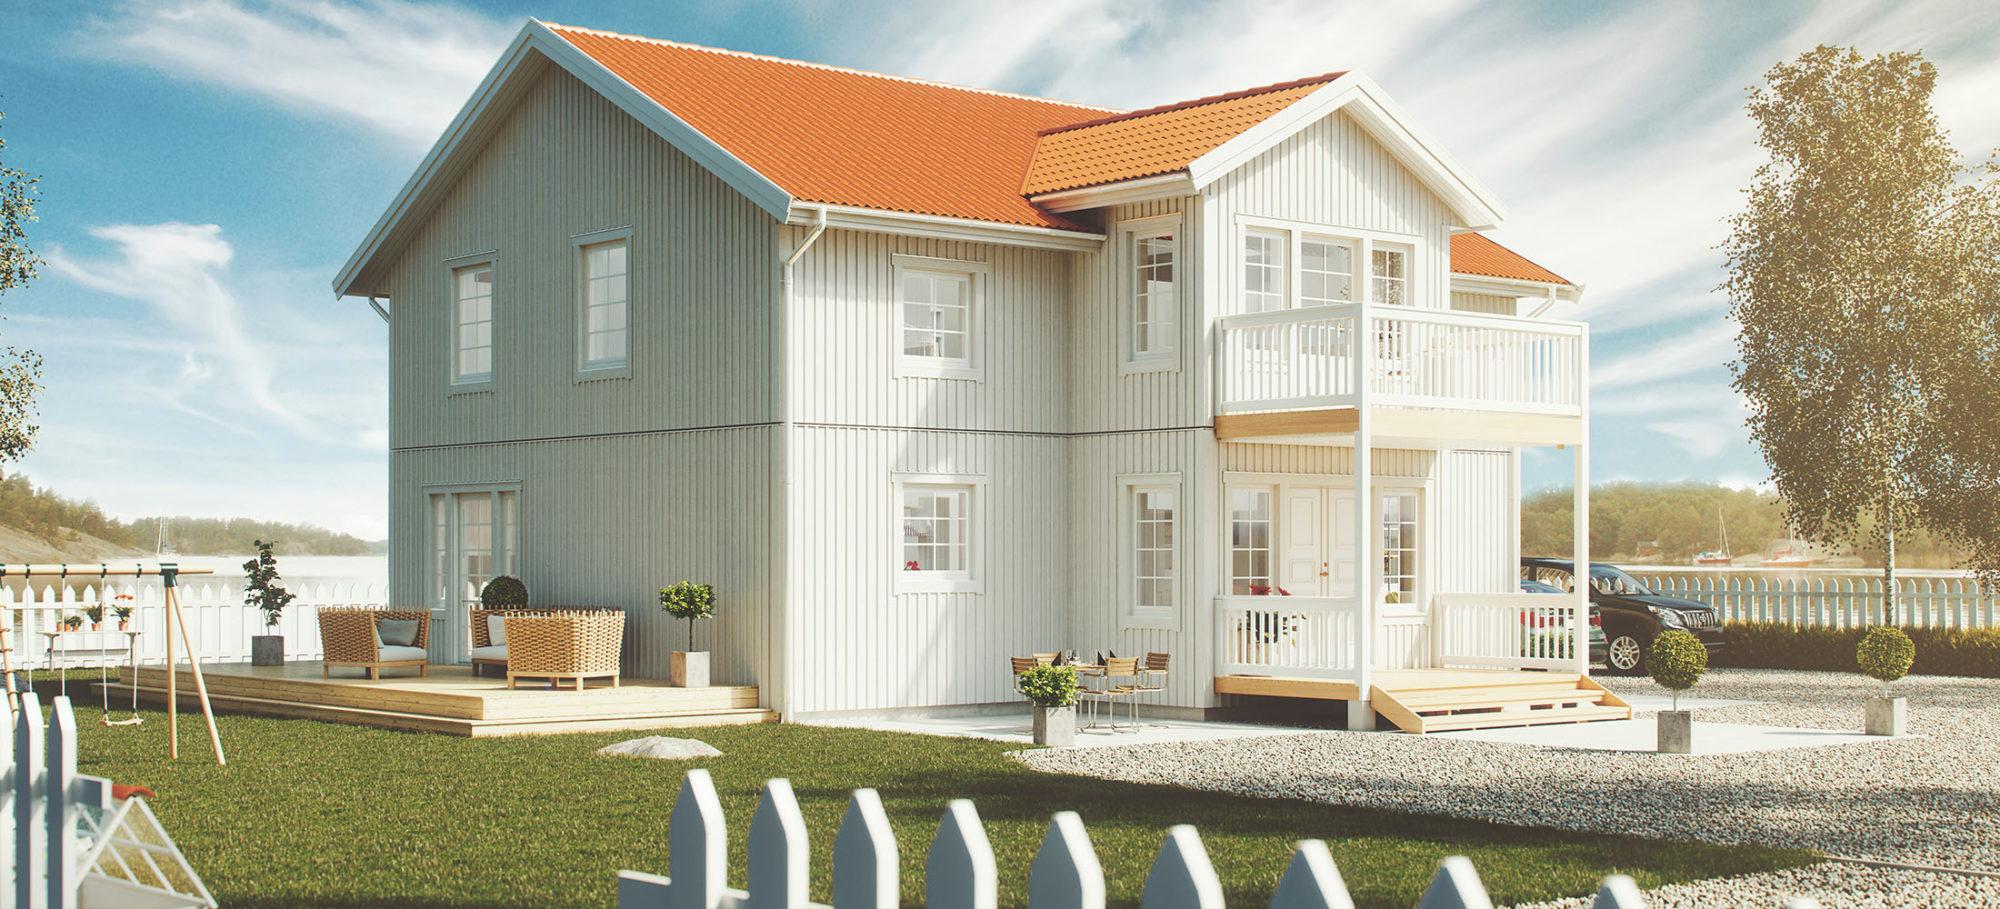 Herrgårdsinspirerat tvåplanshus. Vit fasad och rött tak.